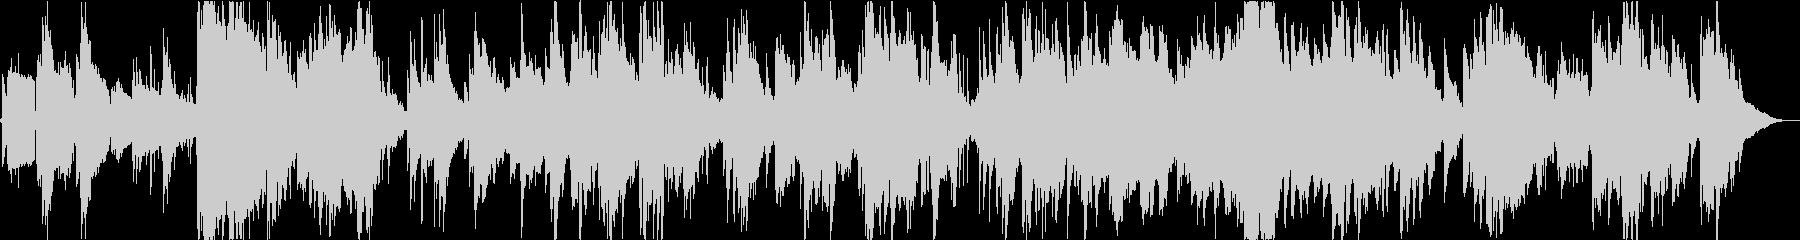 チェット・ベイカーへのピアノのバラ...の未再生の波形